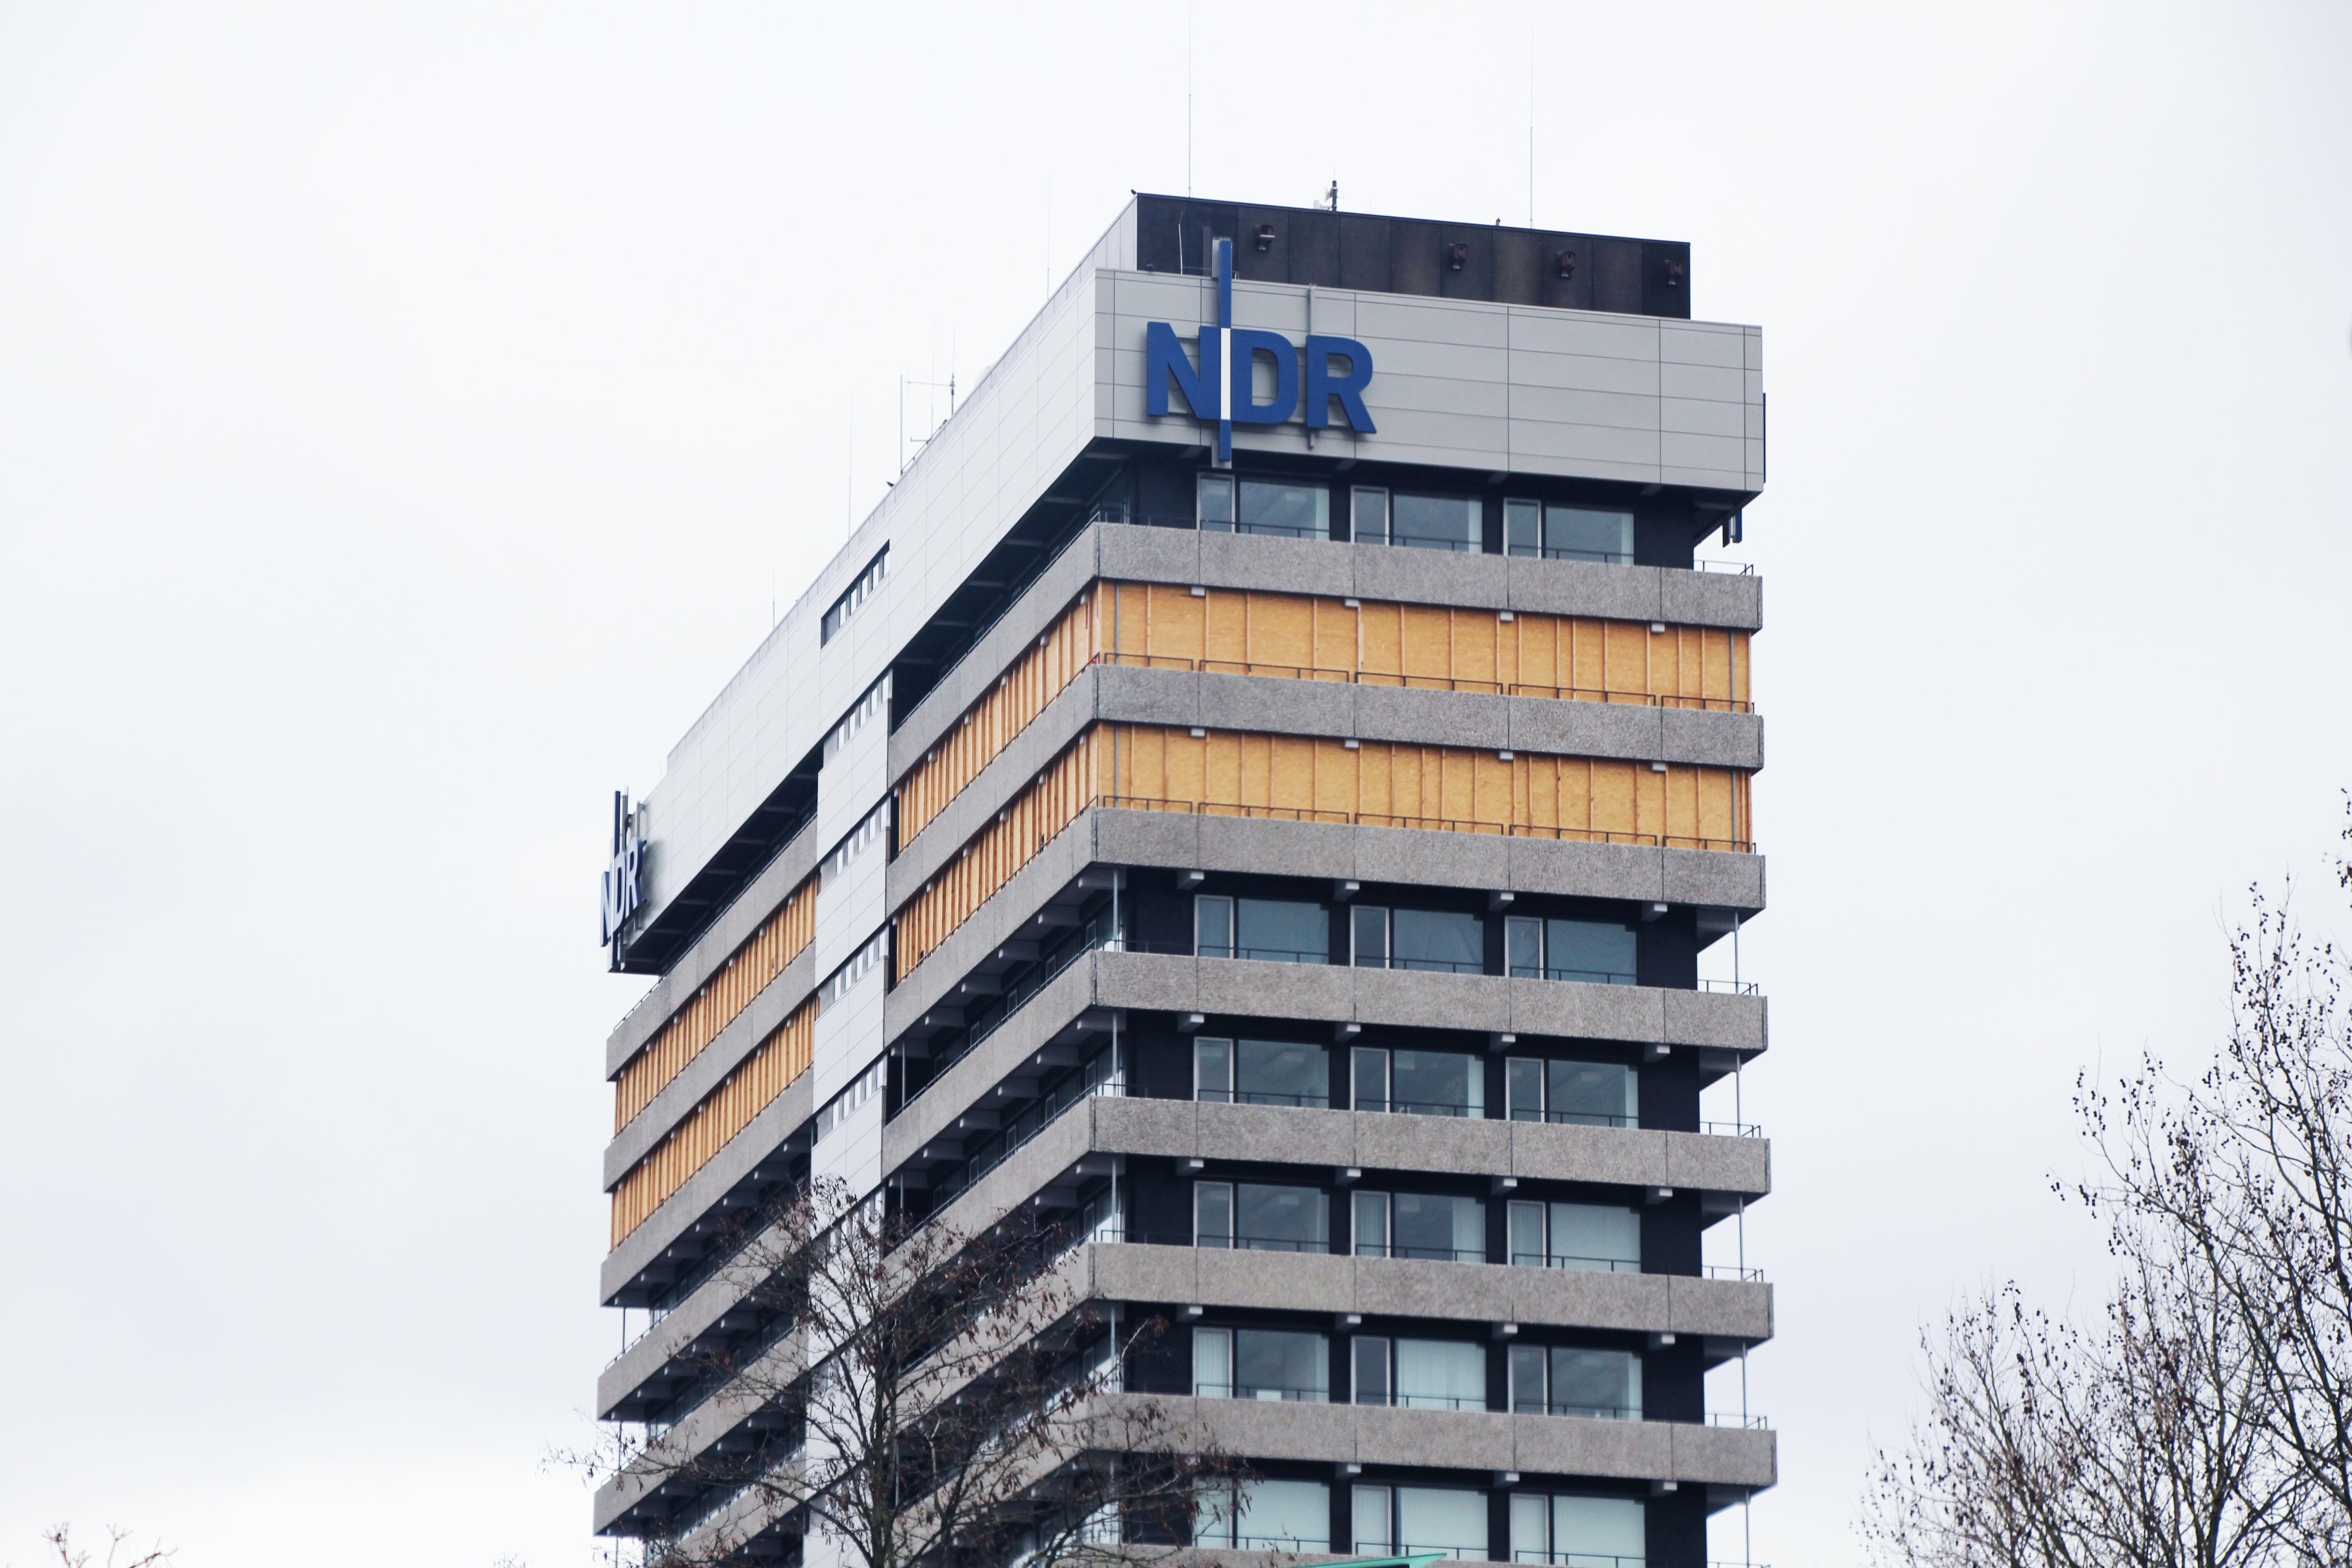 NDR-Hochhaus in Lokstedt wird wohl abgerissen